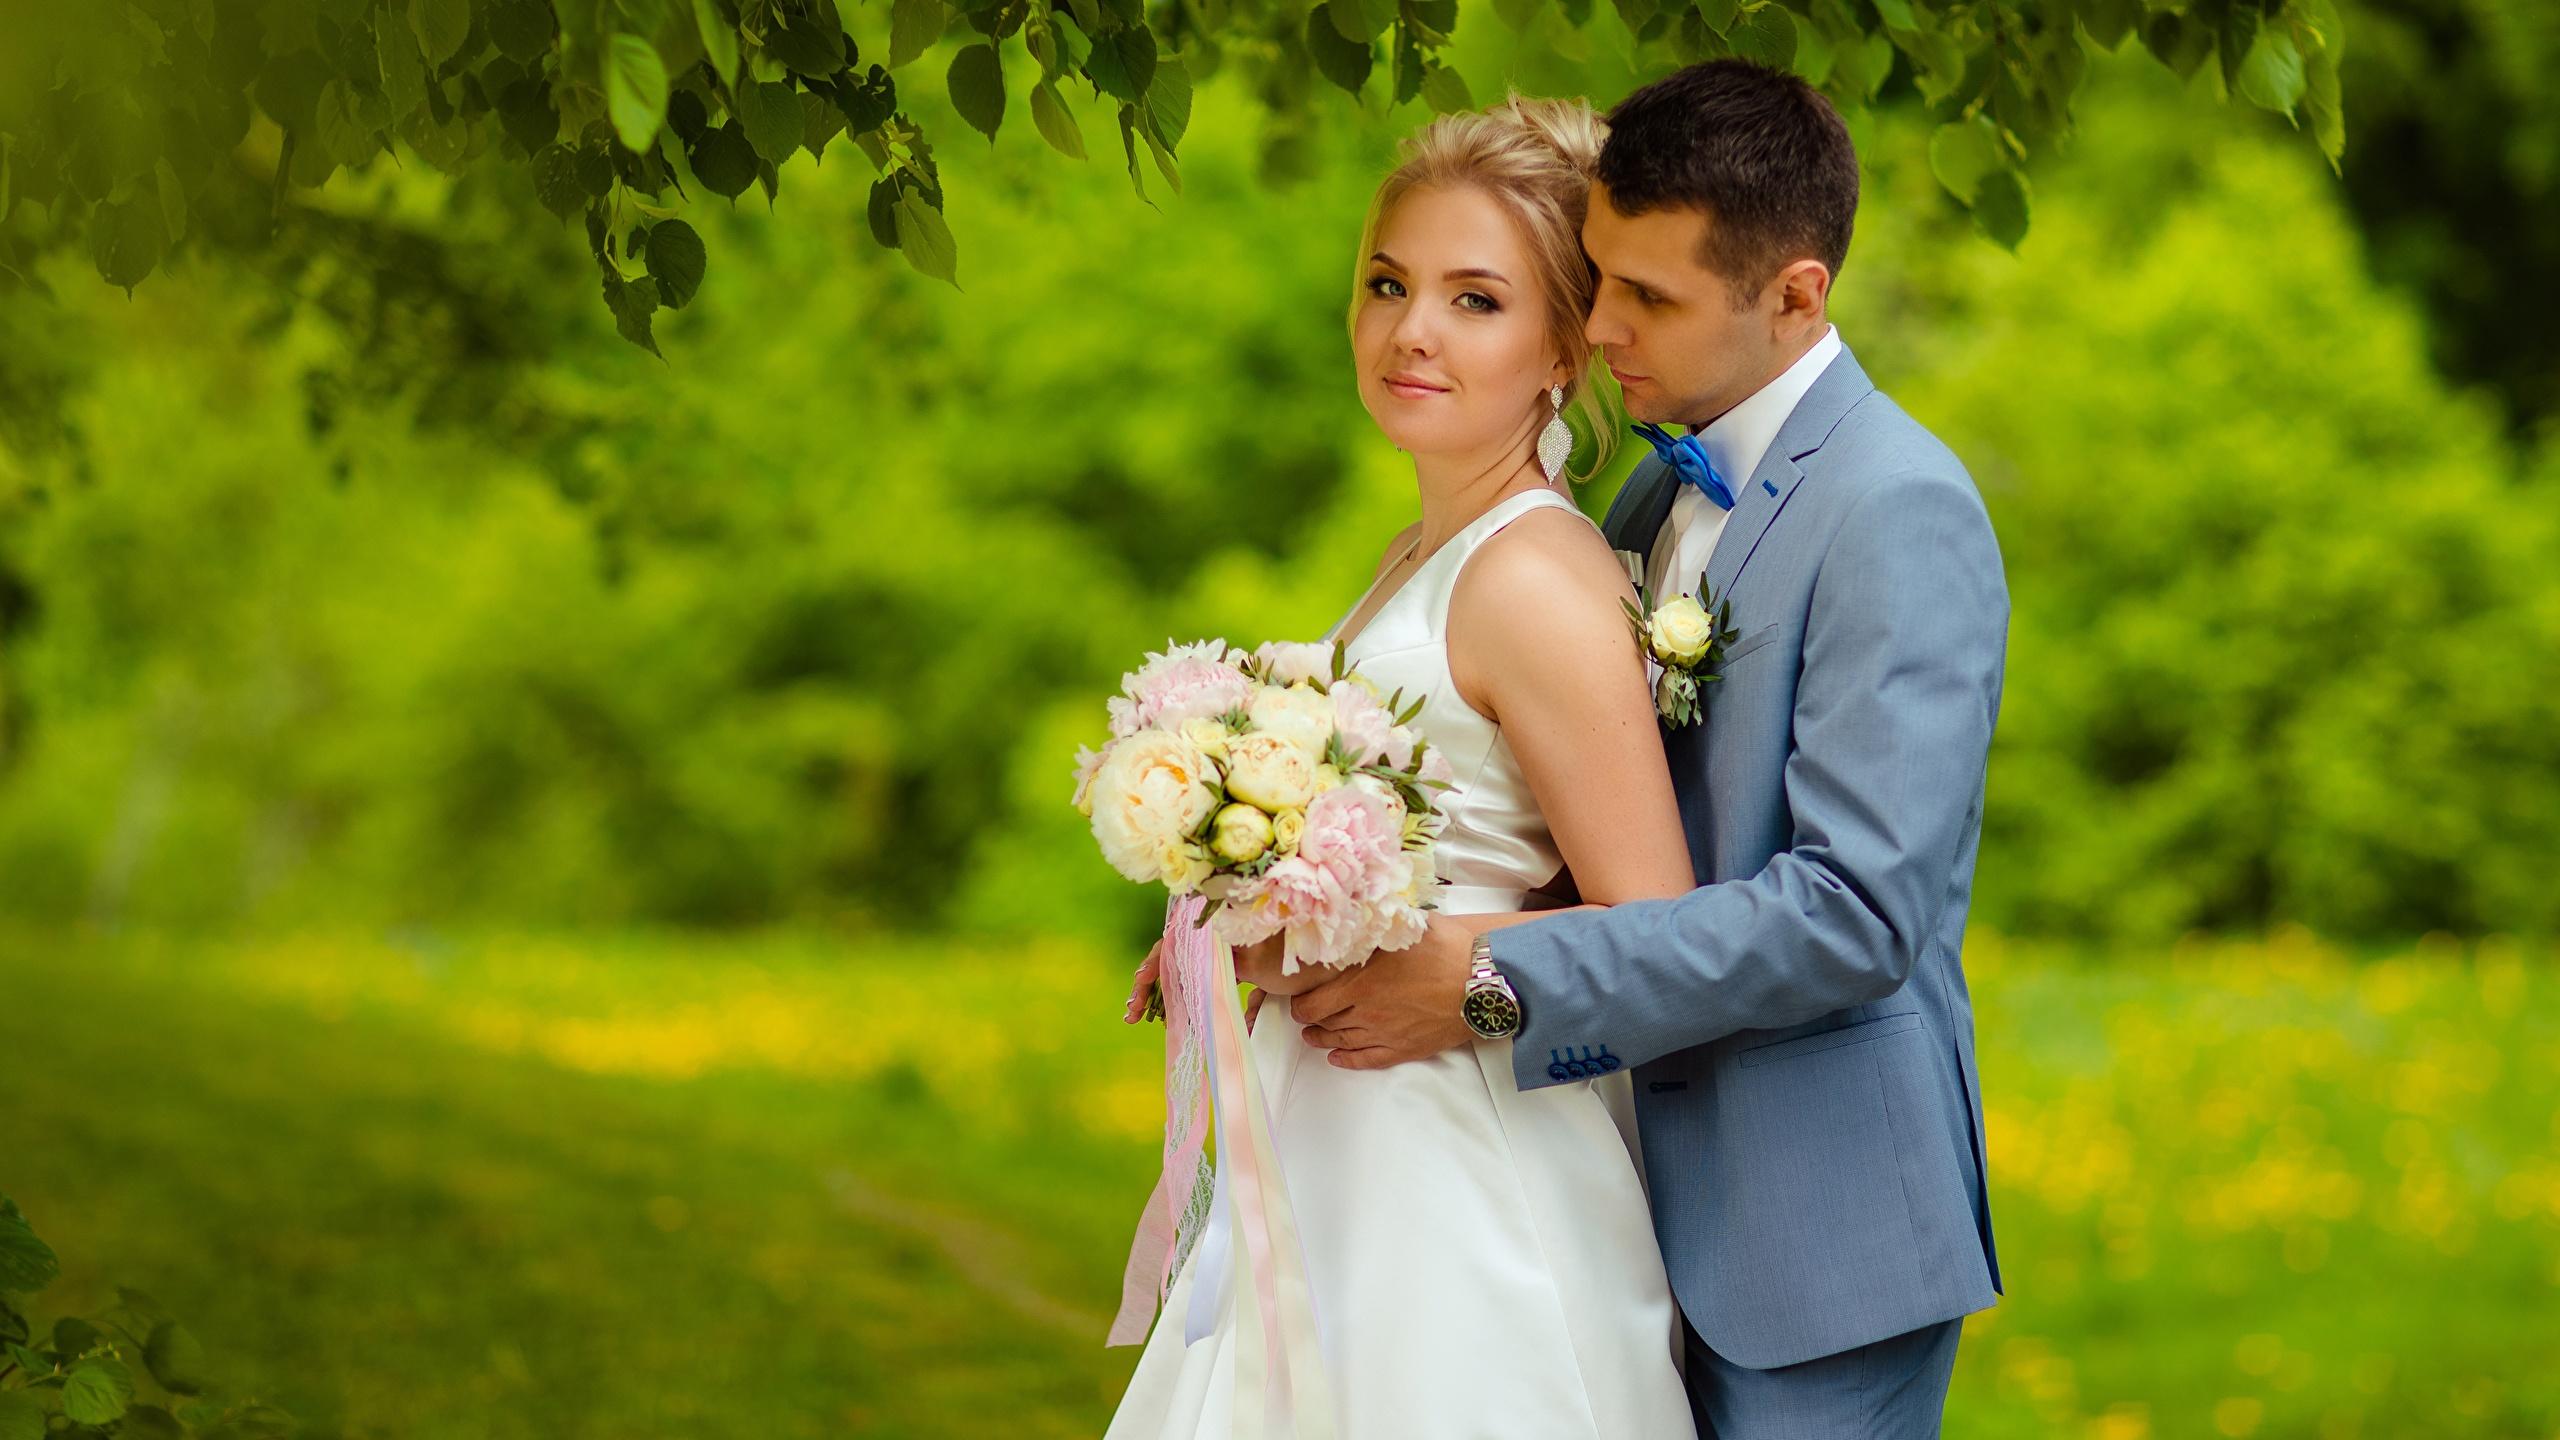 Картинка Жених Невеста Блондинка Мужчины Букеты Двое Девушки 2560x1440 2 вдвоем